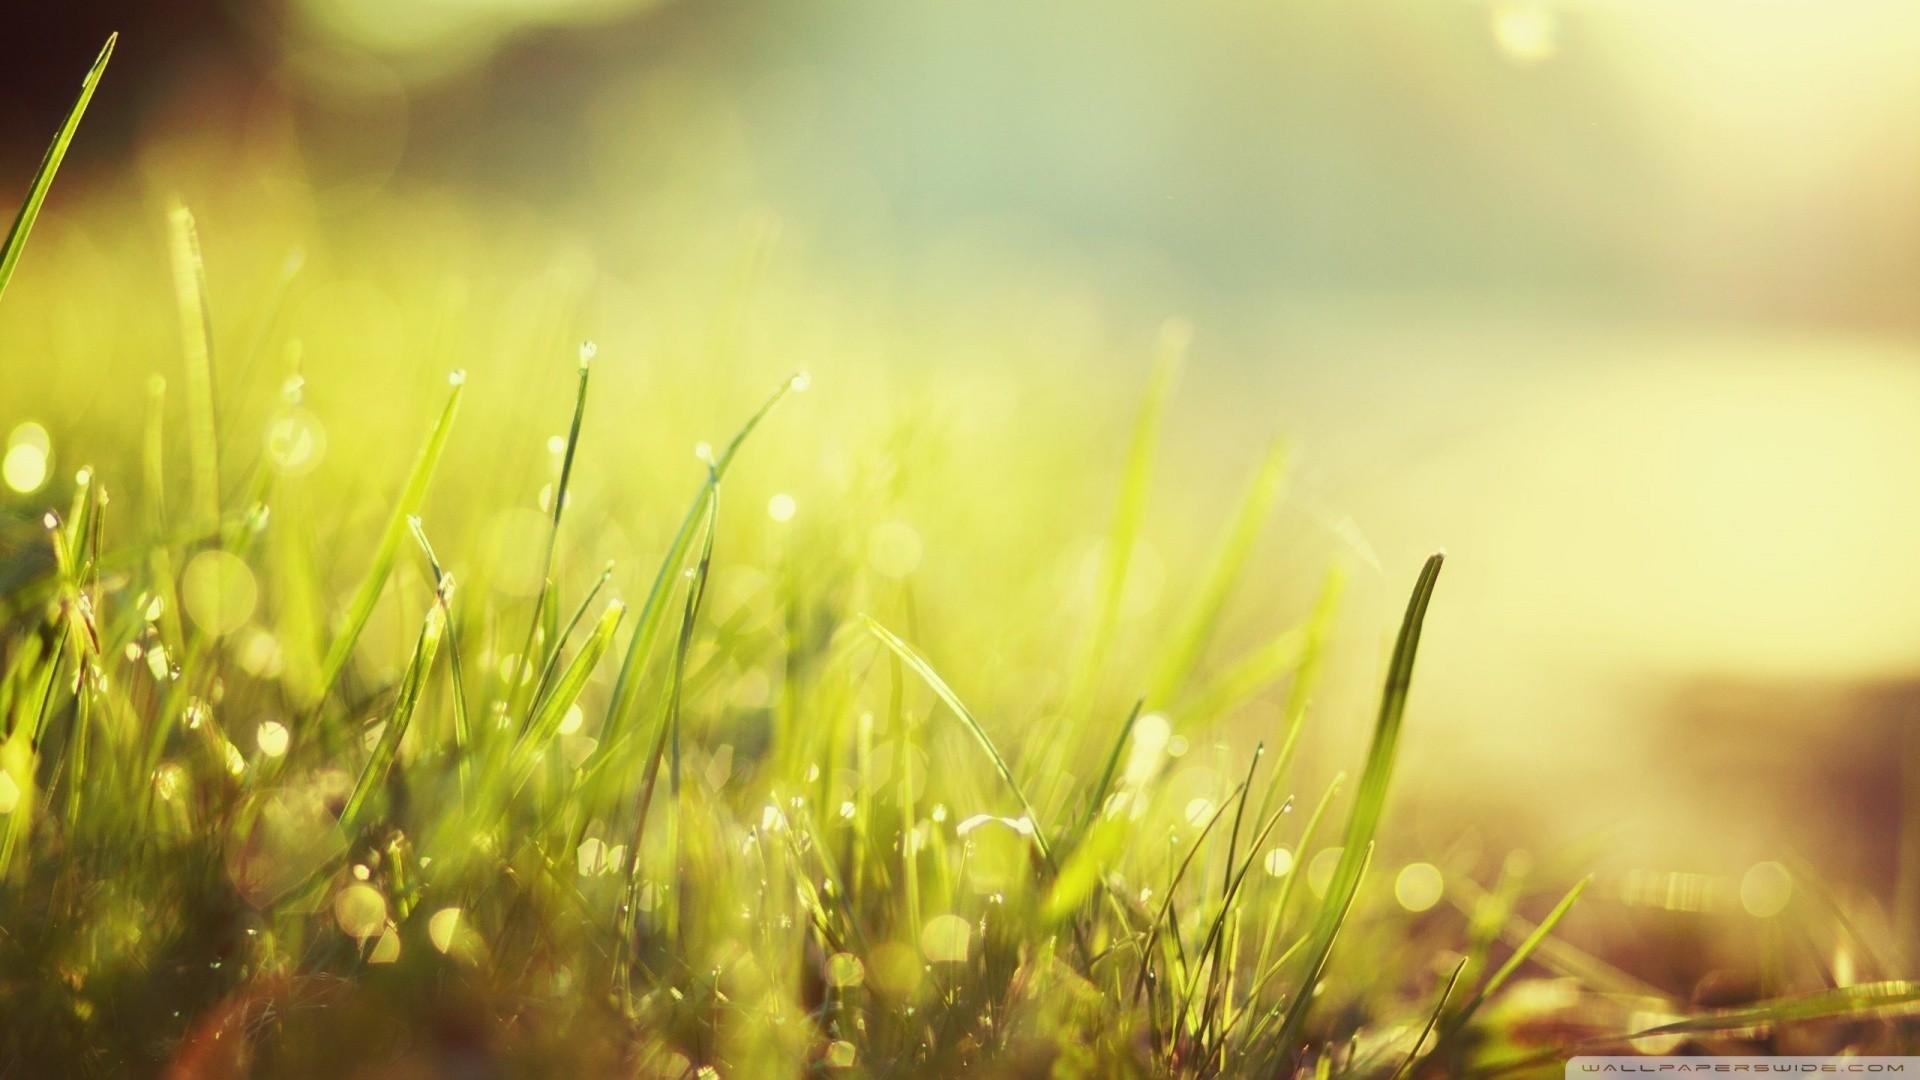 Hình Nền ánh Sáng Mặt Trời Nước Thiên Nhiên Cánh đồng